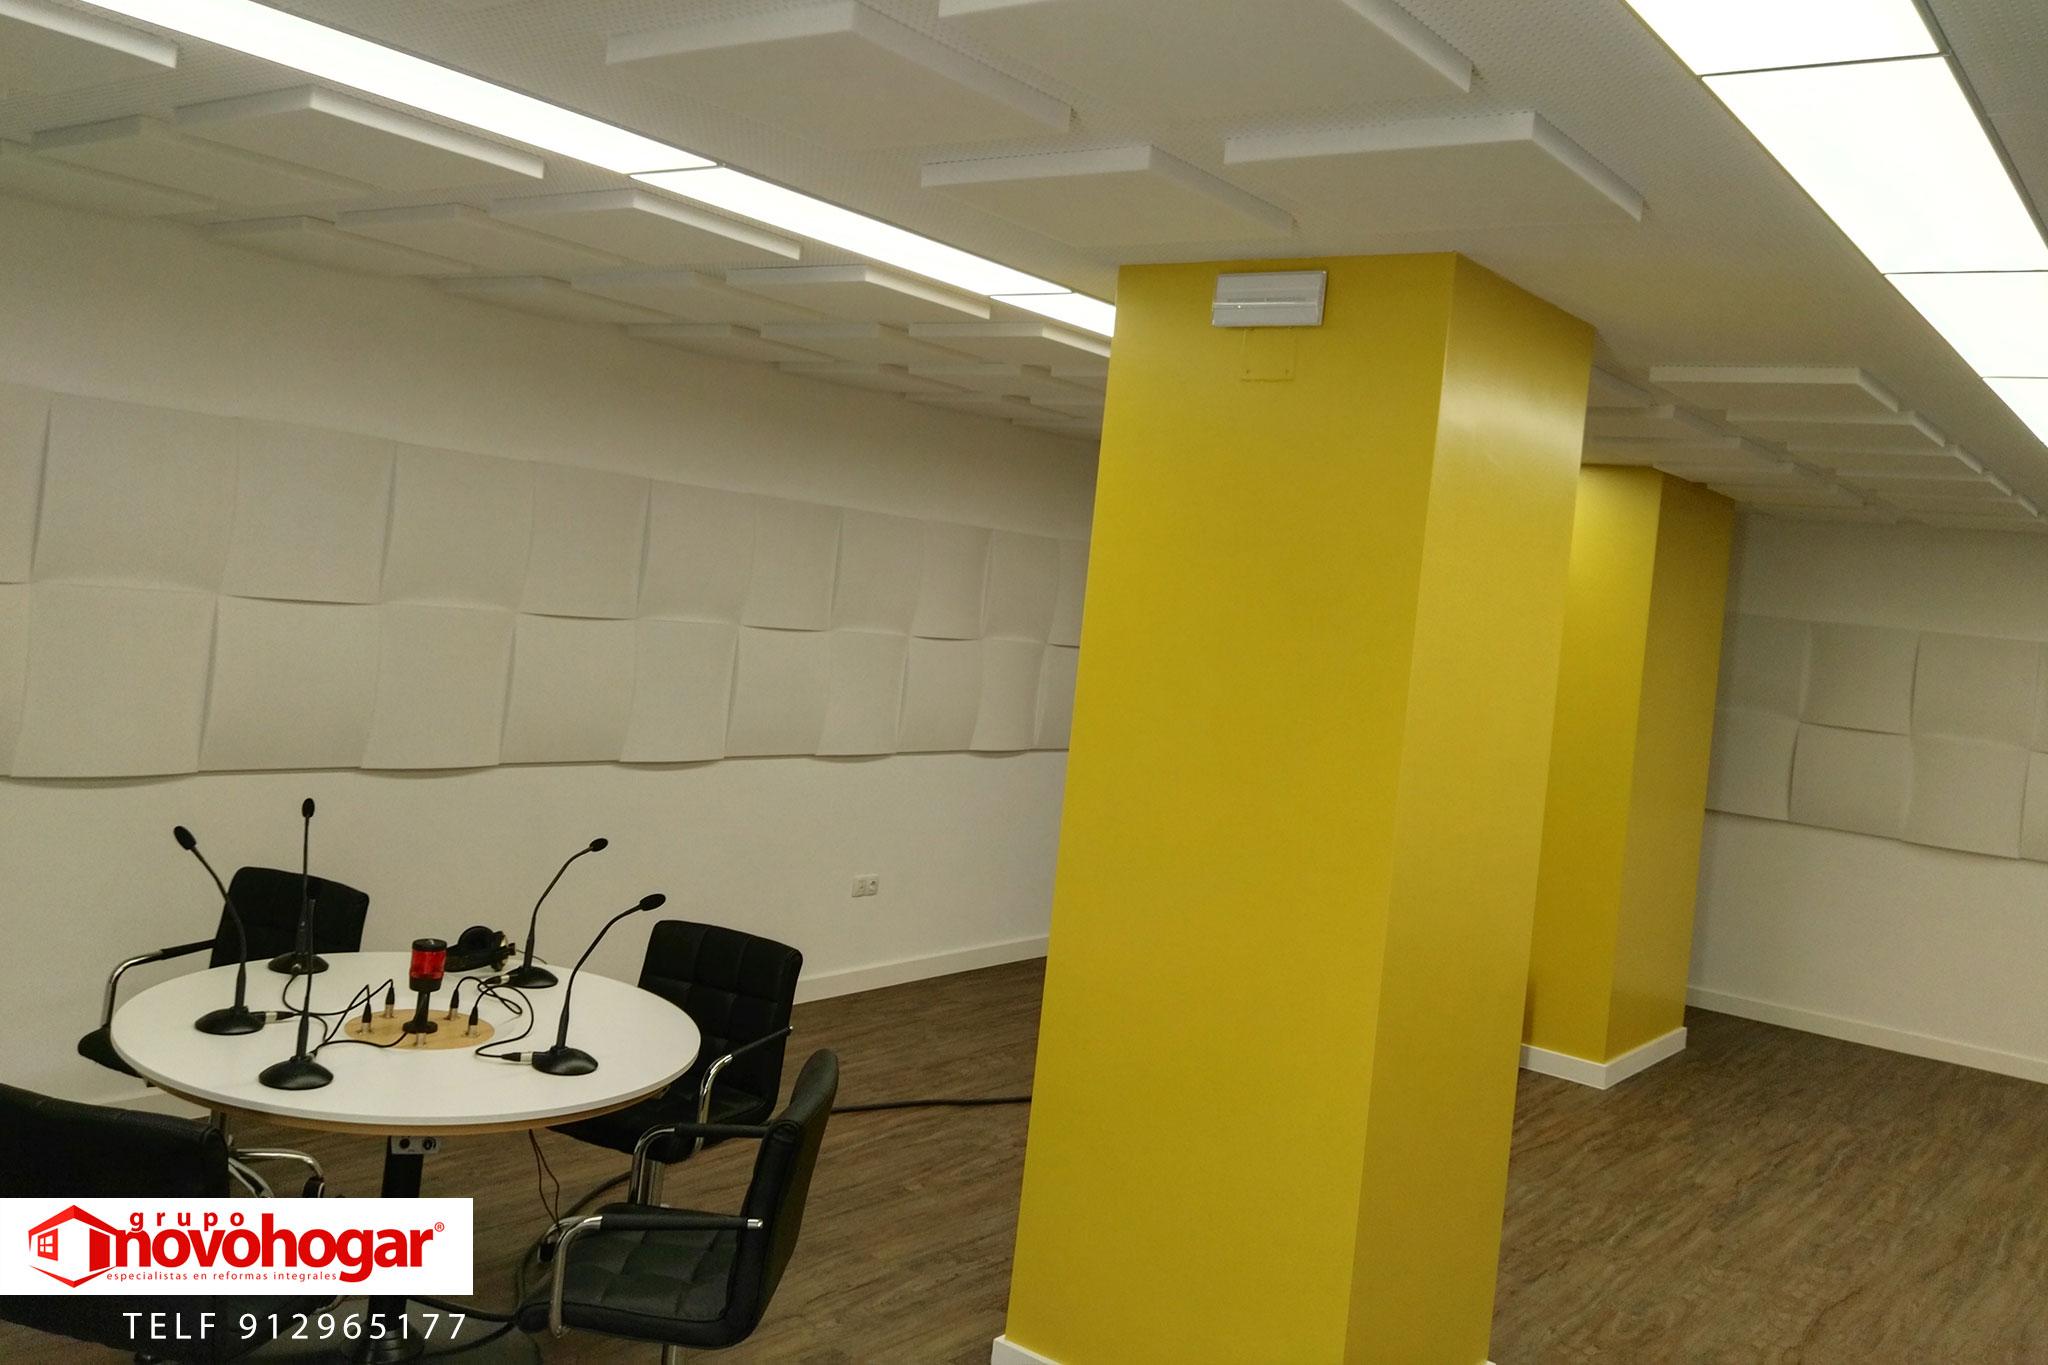 imagenes de oficinas